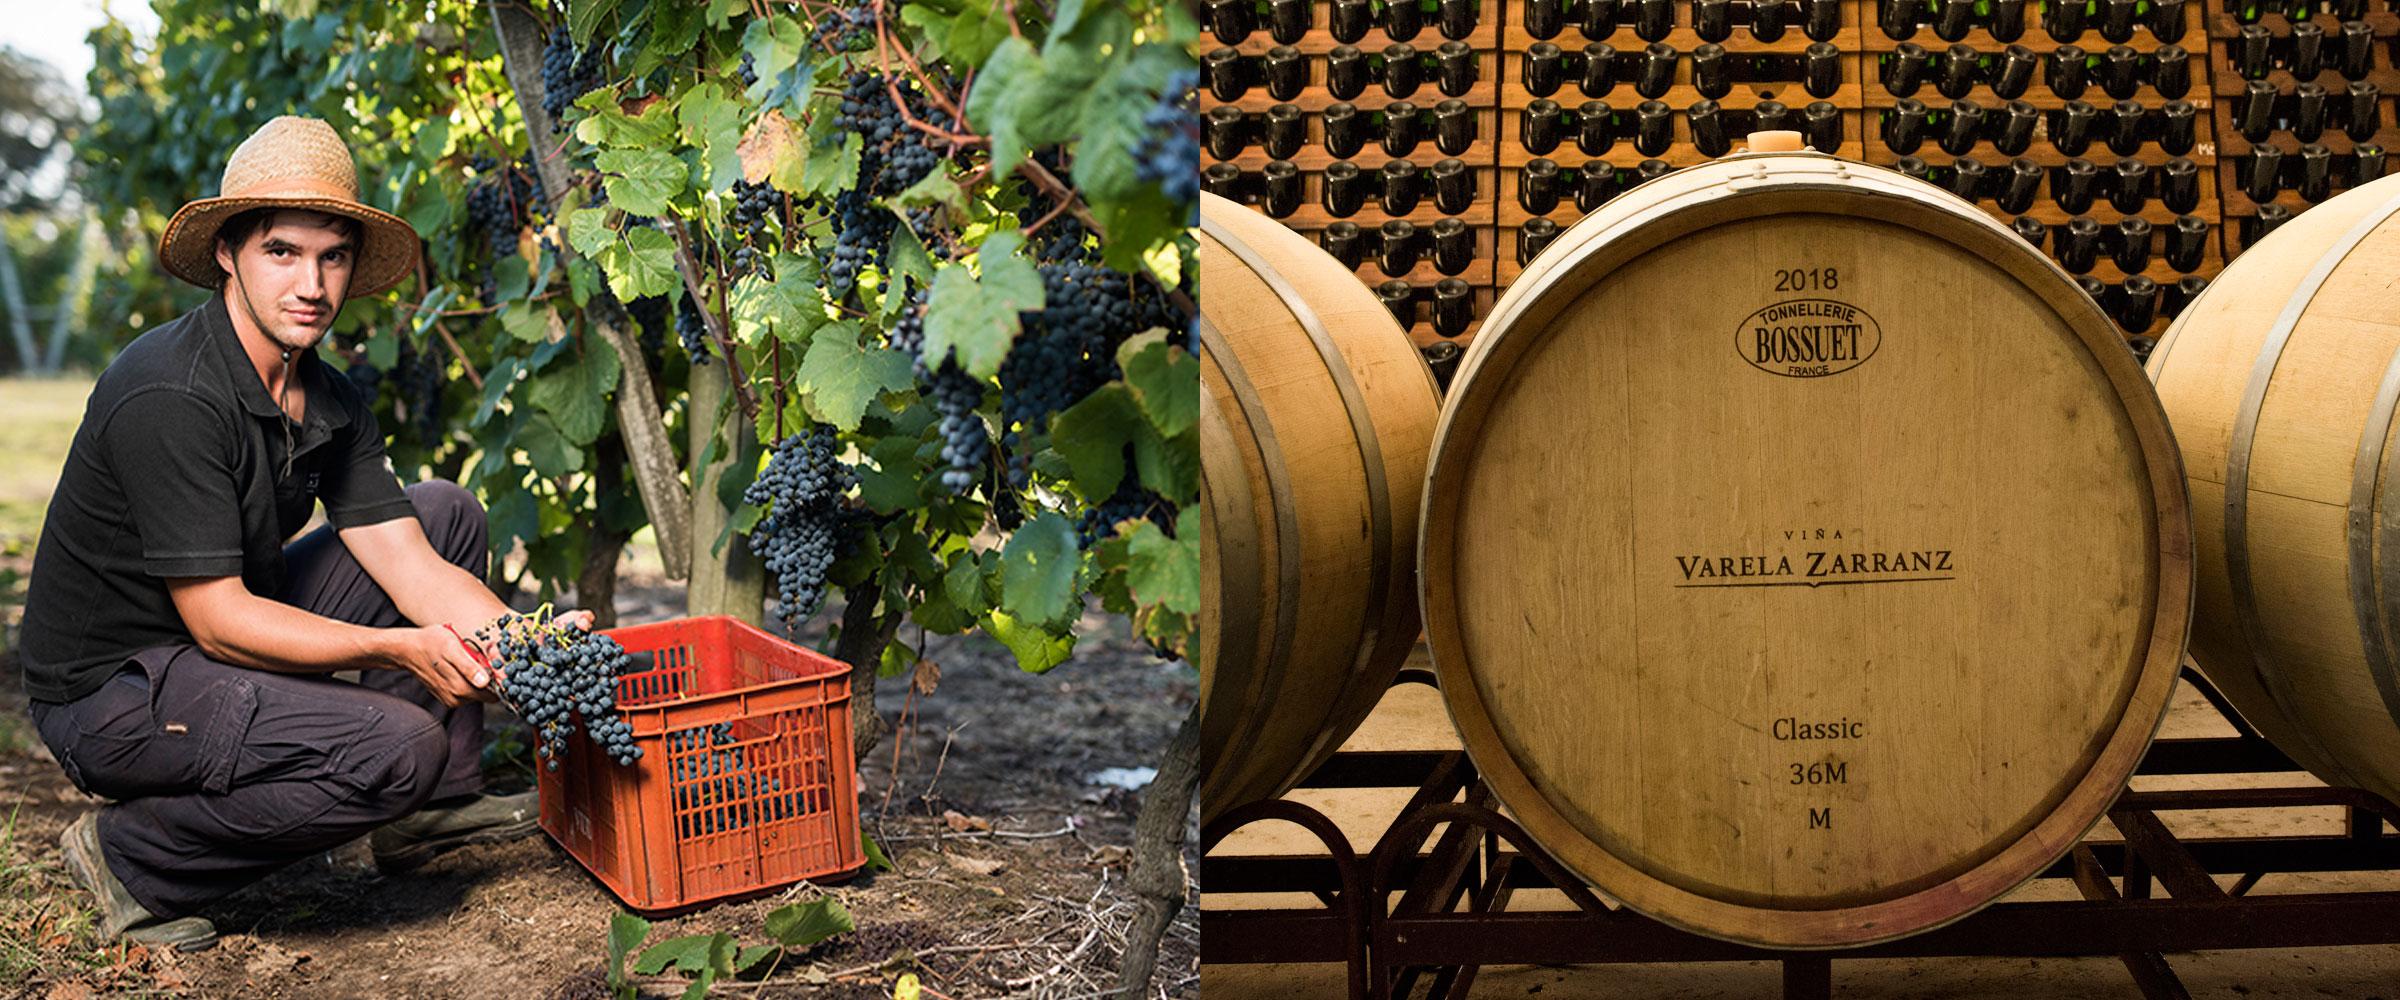 Viña Varela Zarranz - Conozca nuestros vinos